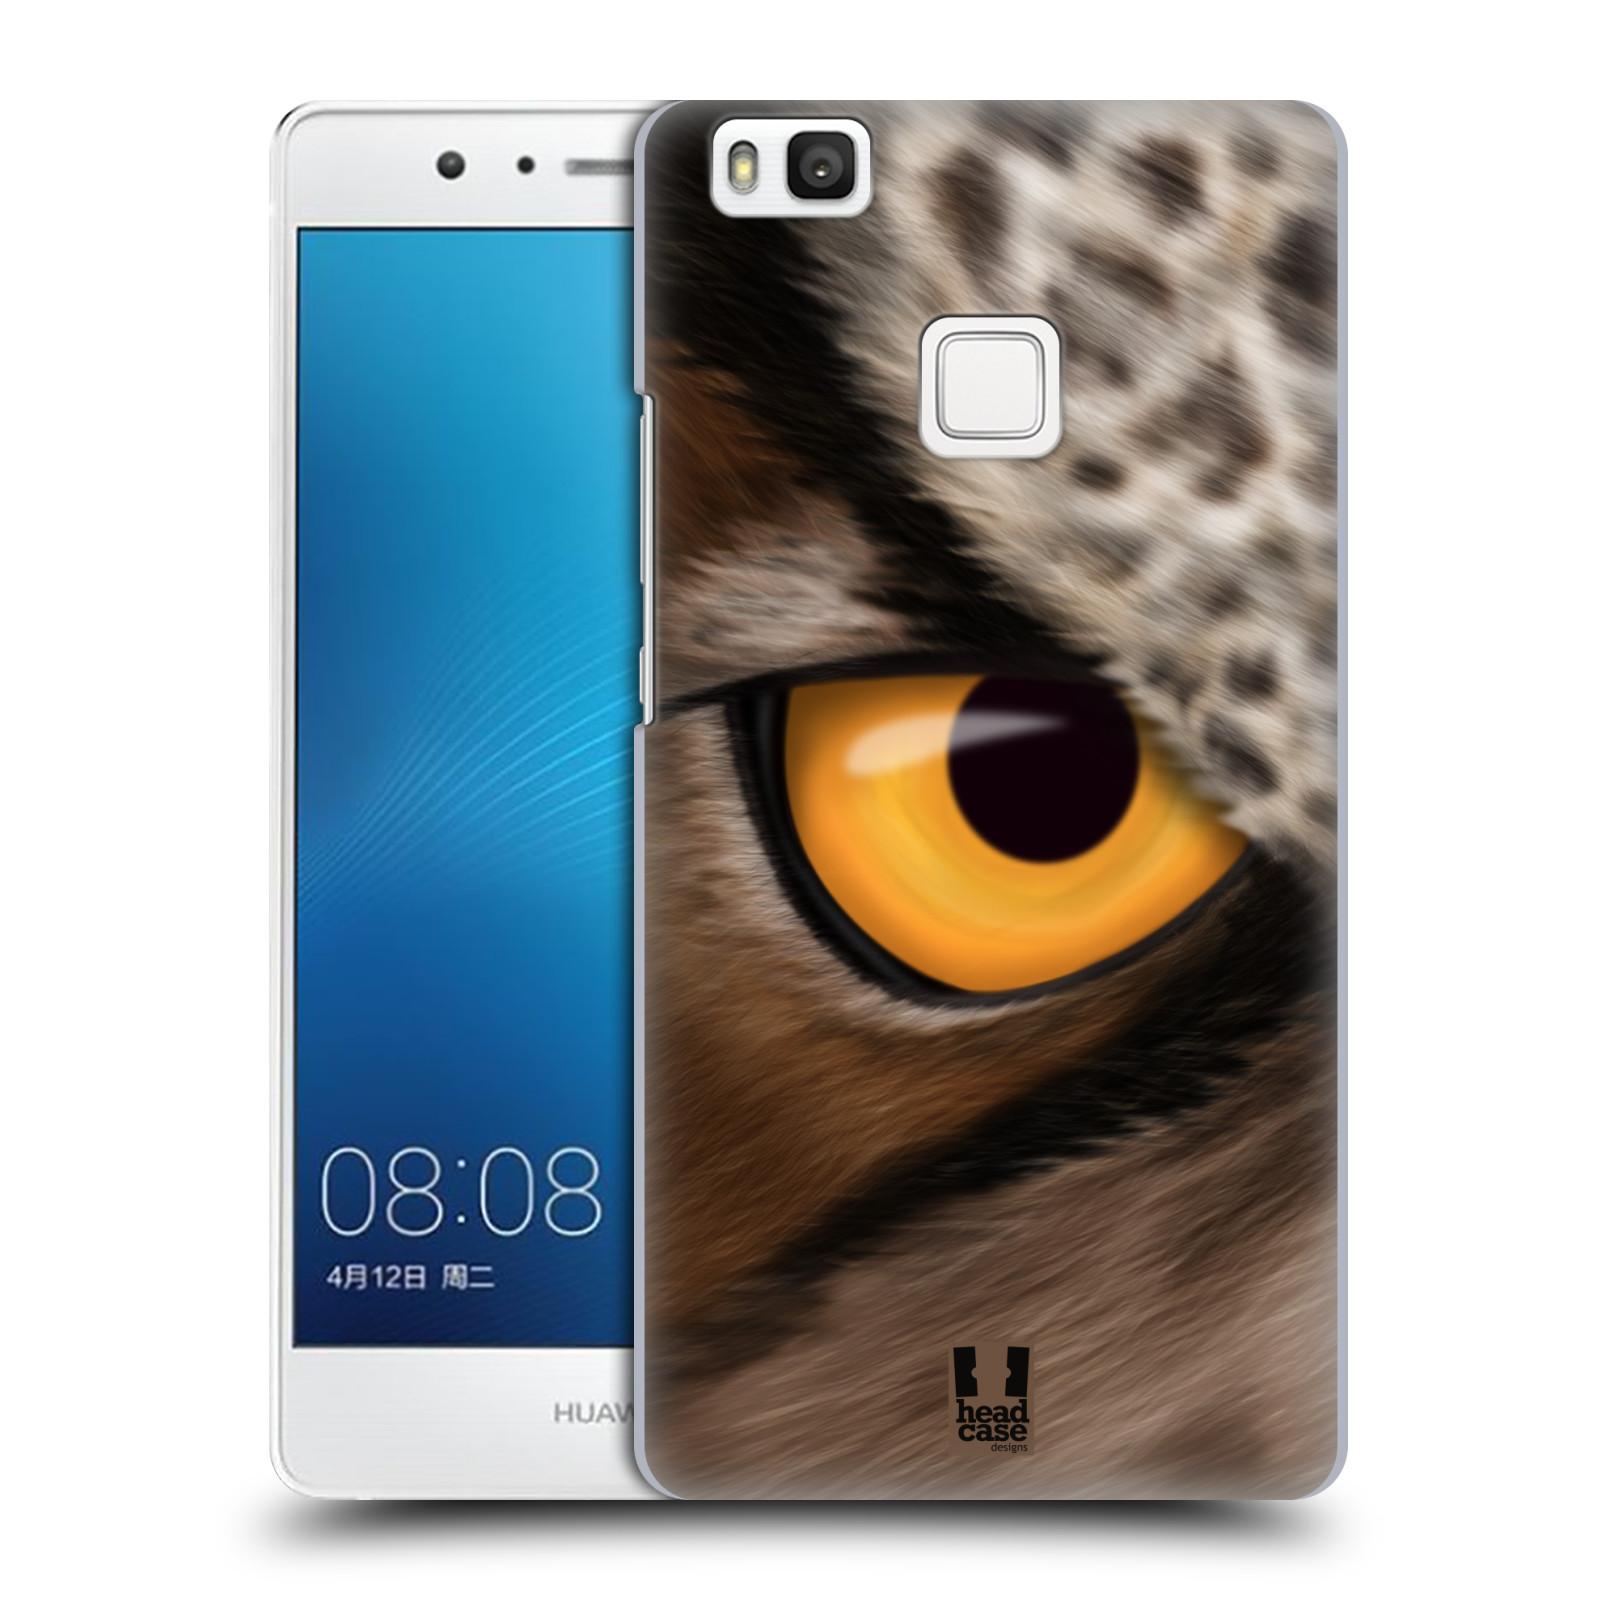 HEAD CASE plastový obal na mobil Huawei P9 LITE / P9 LITE DUAL SIM vzor pohled zvířete oko sova